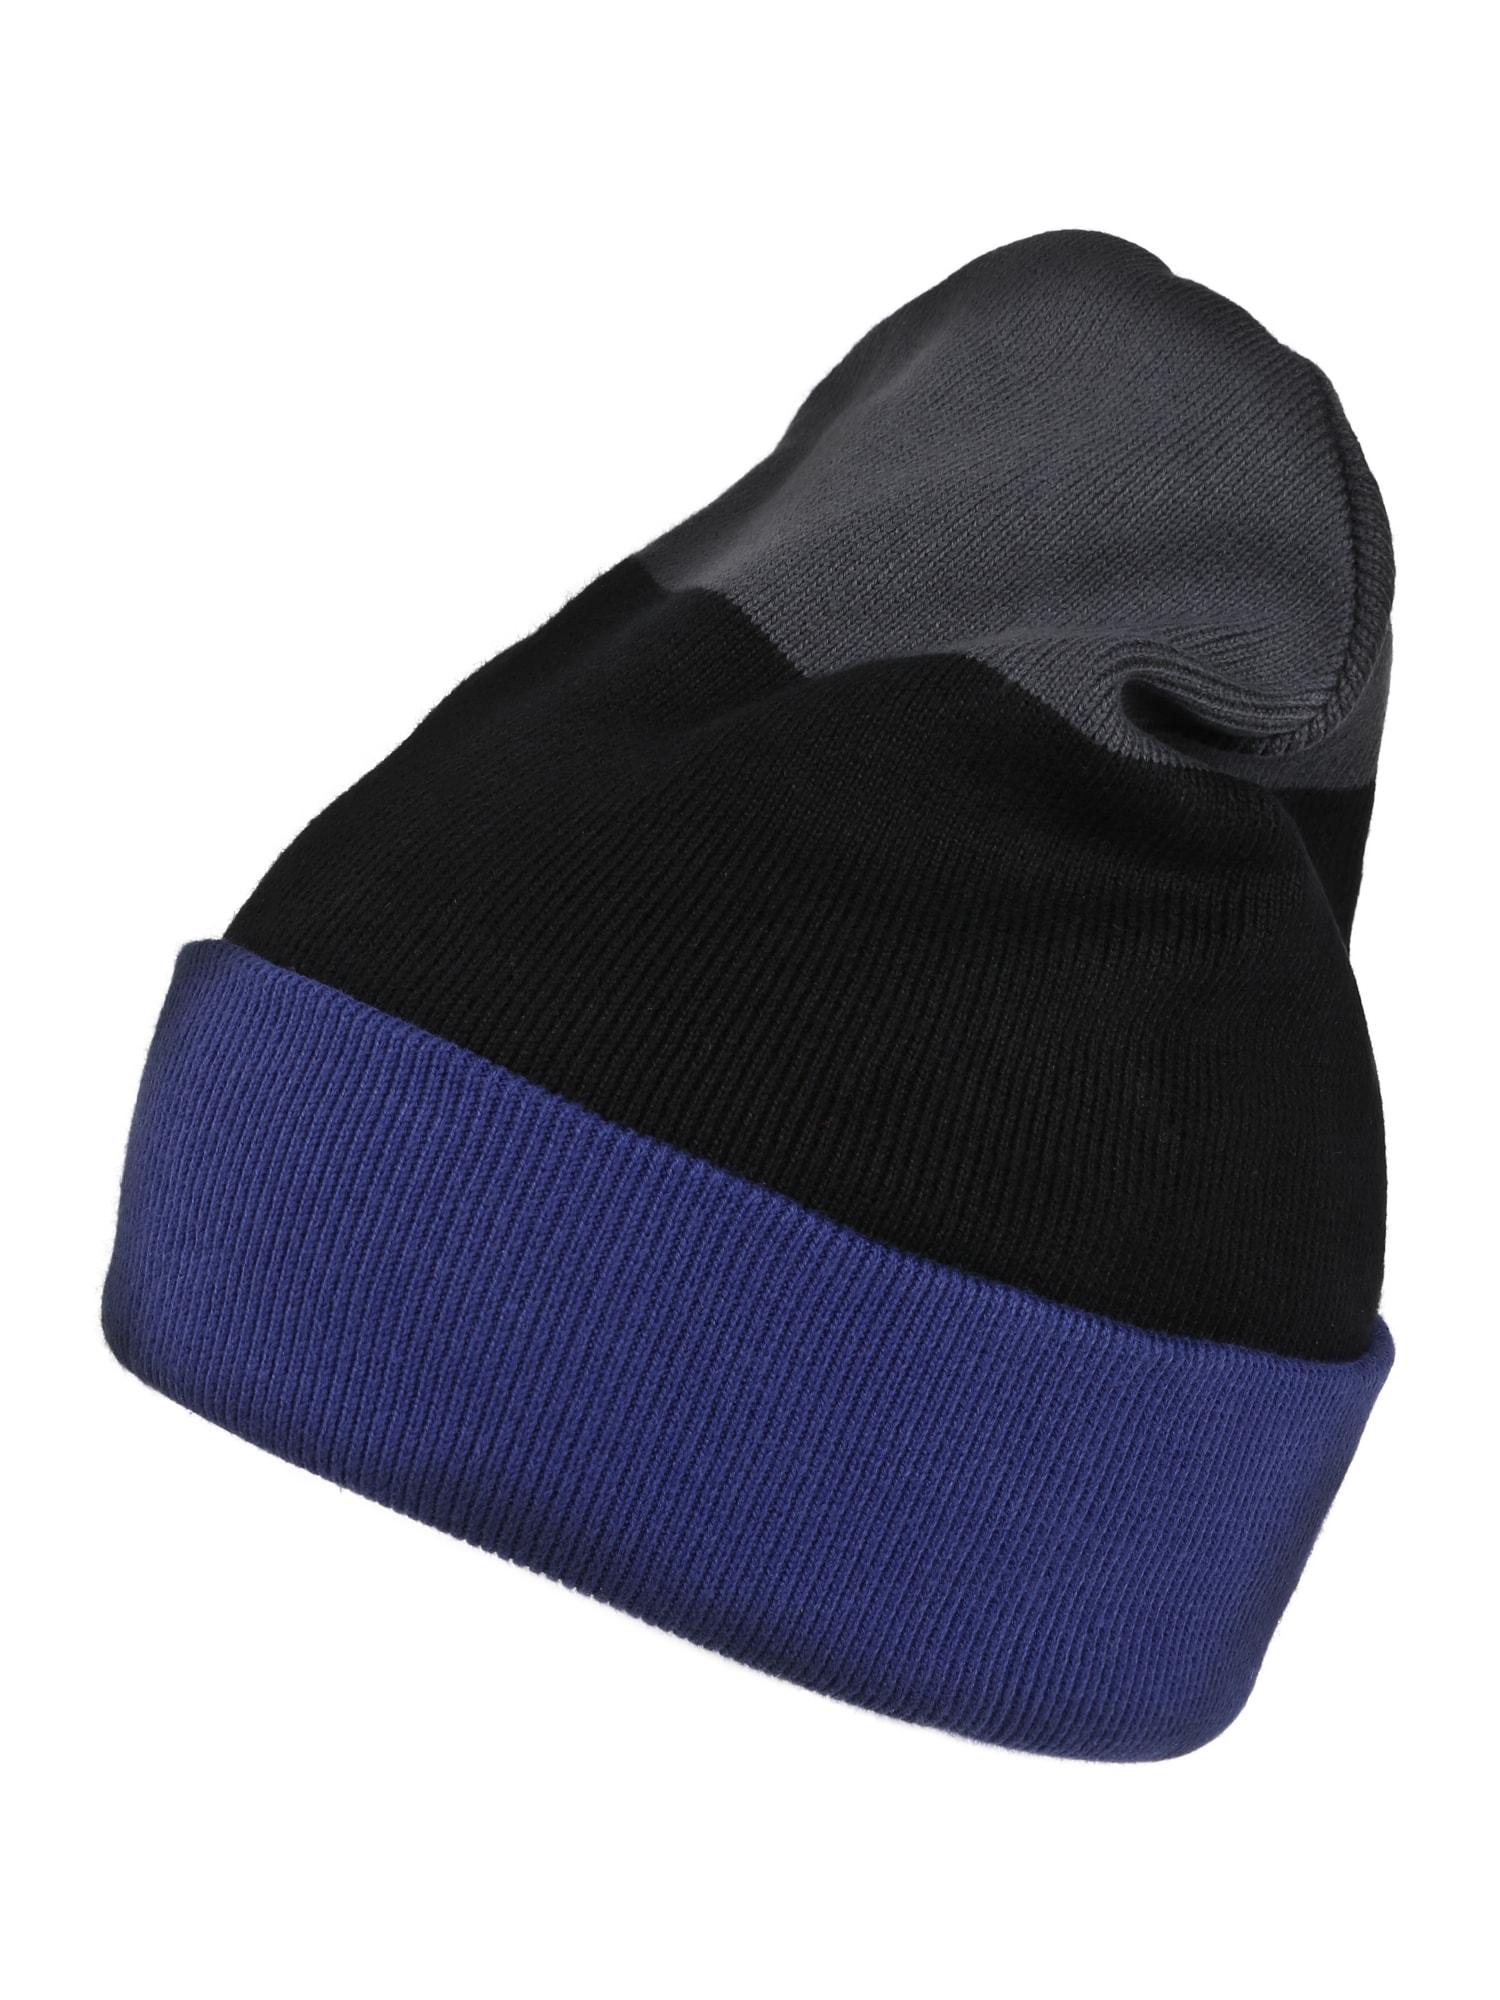 ThokkThokk Megzta kepurė juoda / mėlyna / pilka